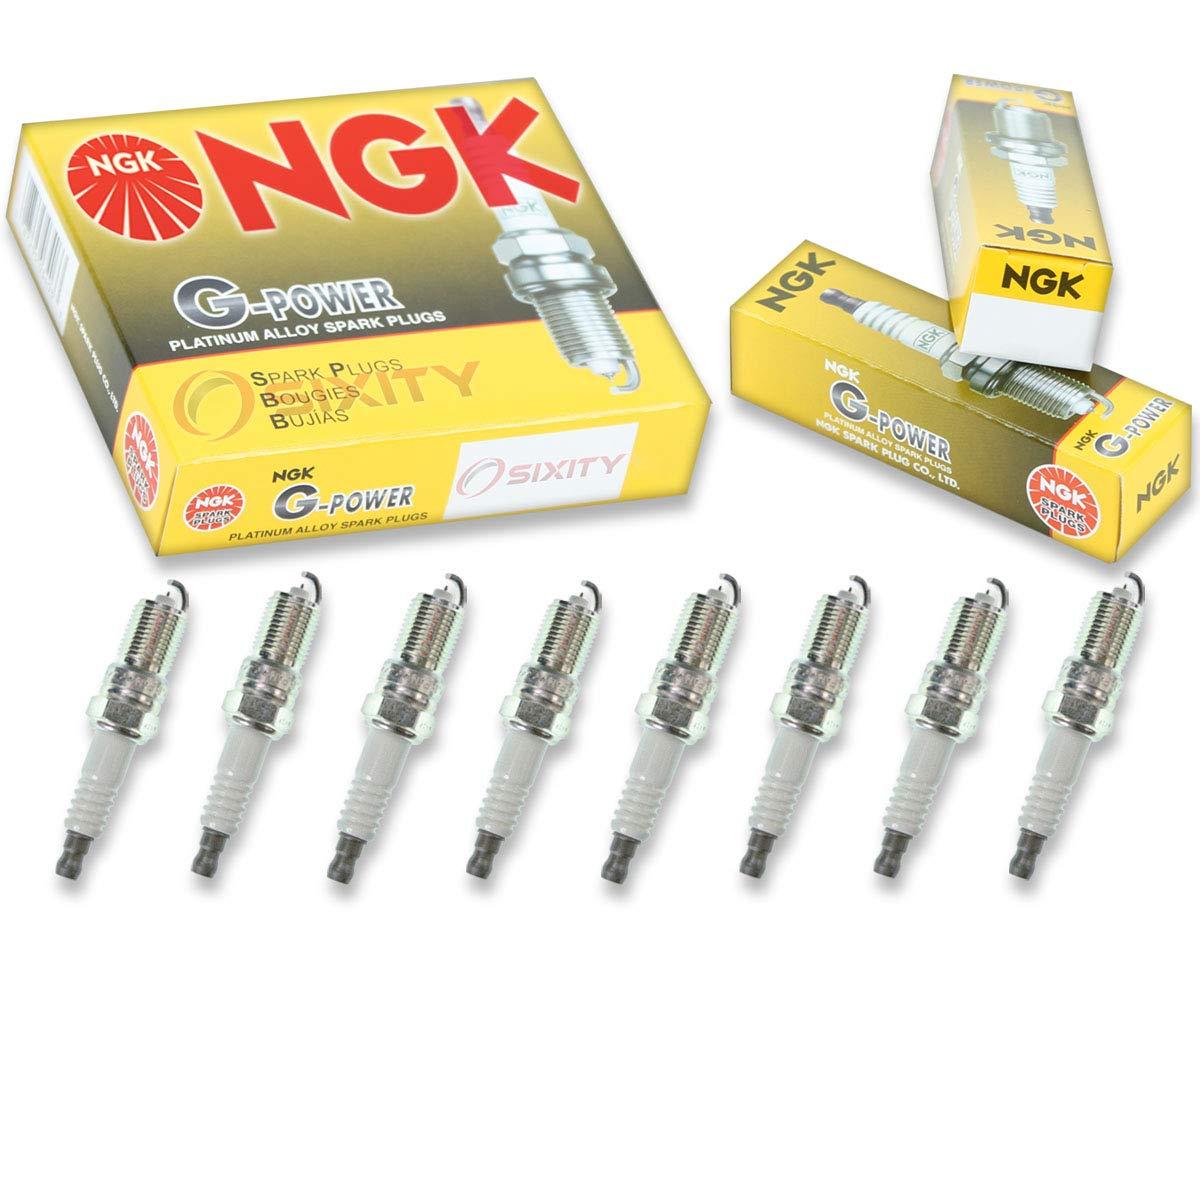 Amazon.com: NGK G-Power 8pcs Spark Plugs Ford F-250 Super Duty 99-04 5.4L V8 Kit Set: Automotive